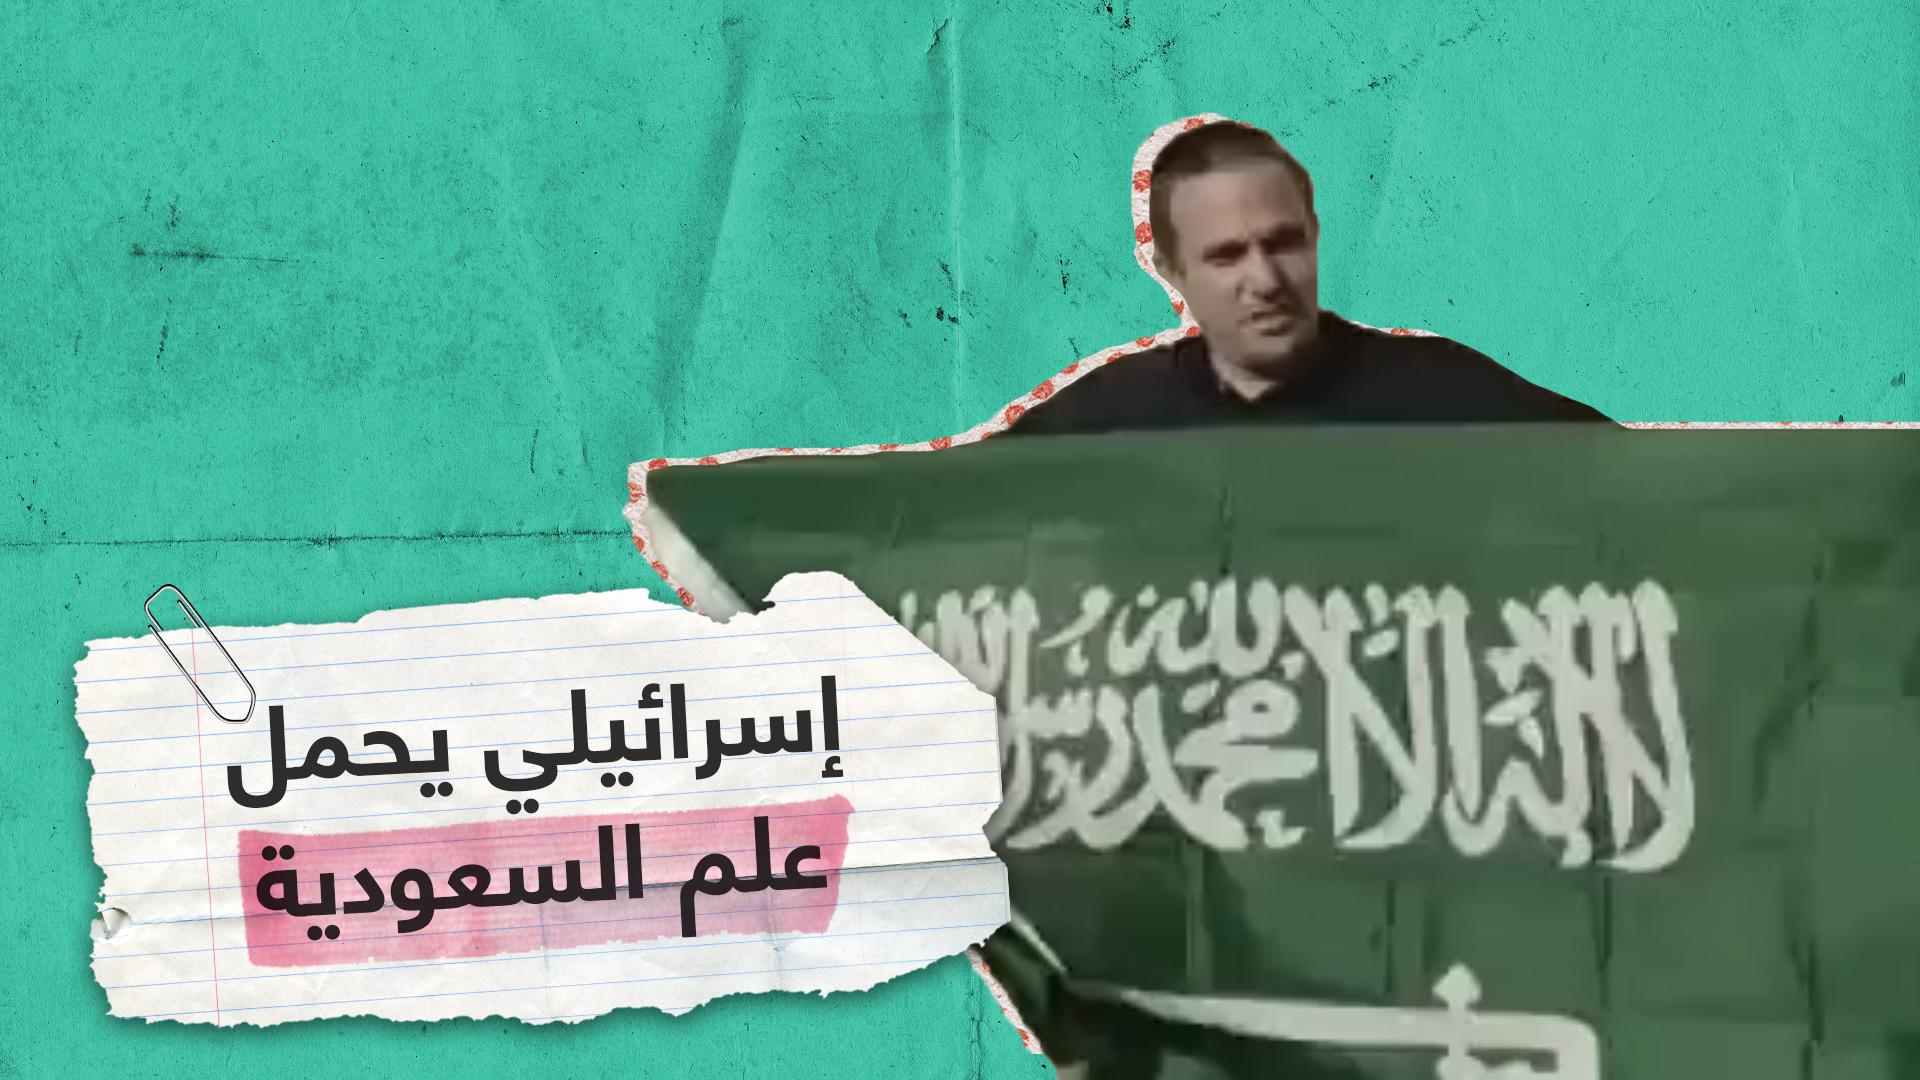 إسرائيلي يرفع العلم السعودي في القدس.. كيف رد عليه سعوديون؟